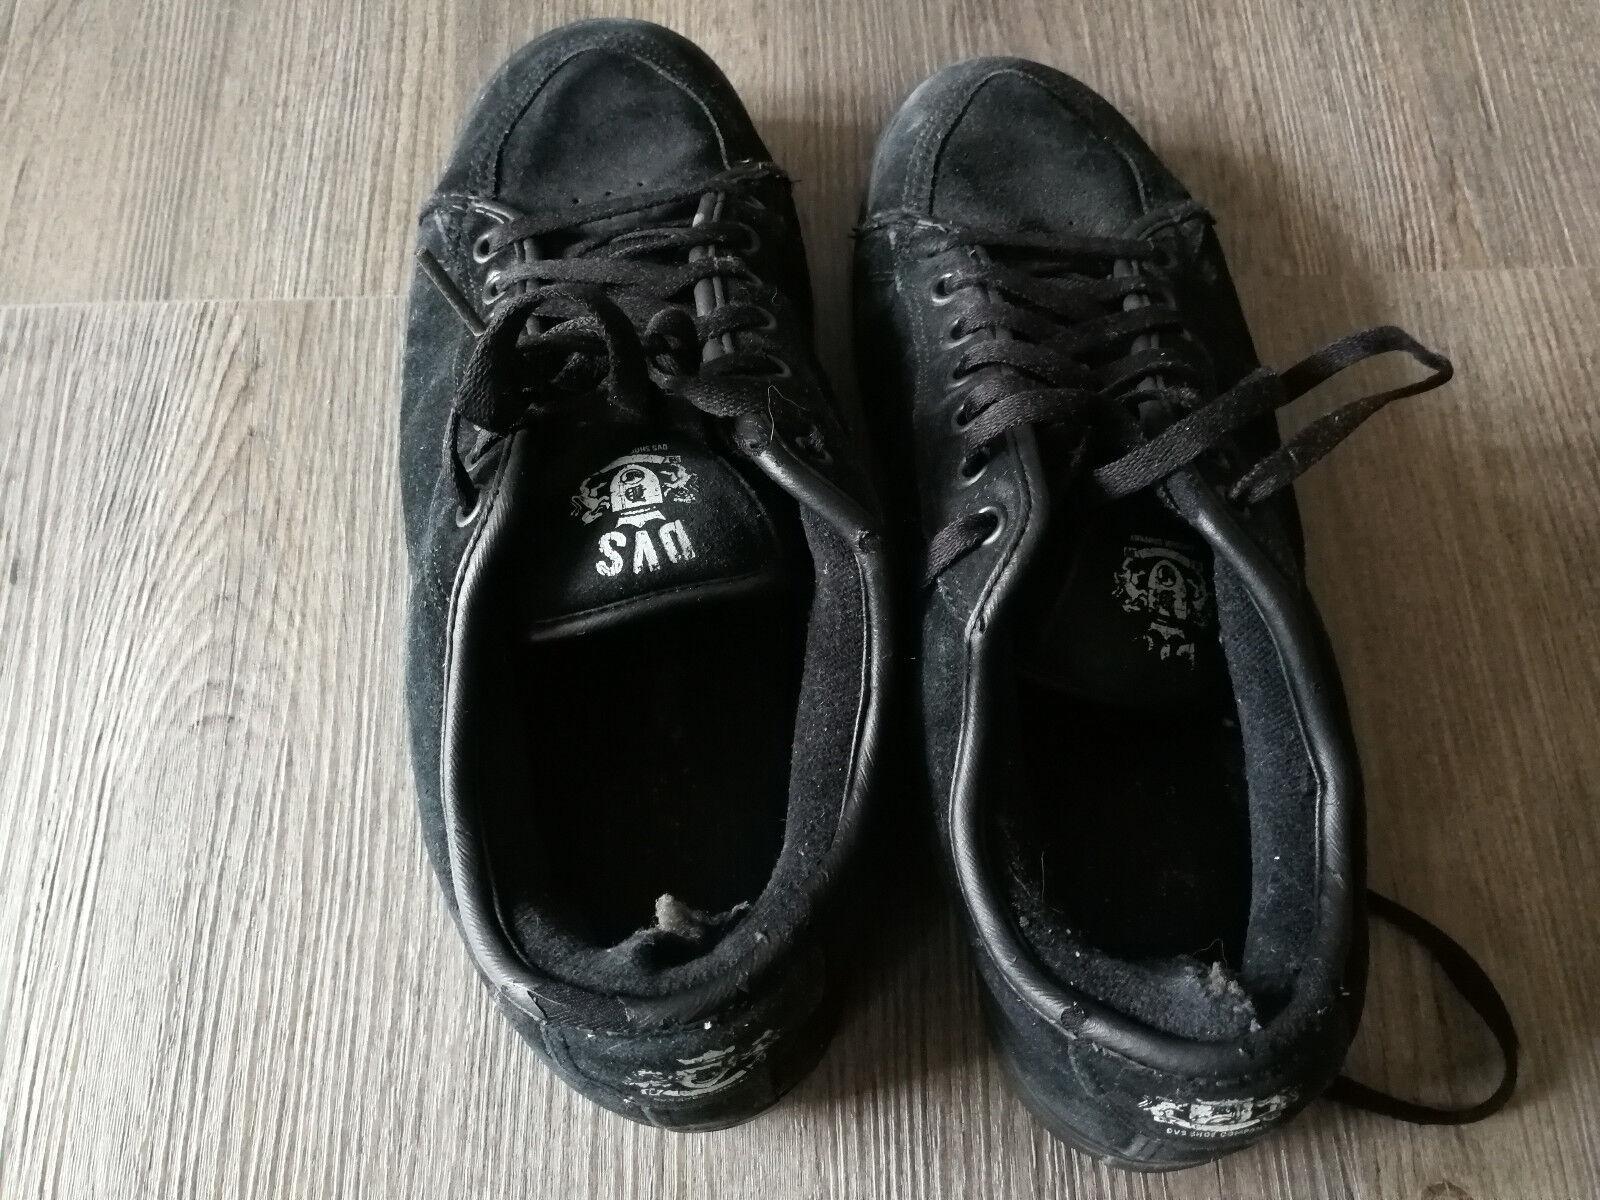 DVS Jason Schuhe Turnschuhe * Outdoorschuhe * Größe 45 * Turnschuhe Schuhe Skater Skate 53d774